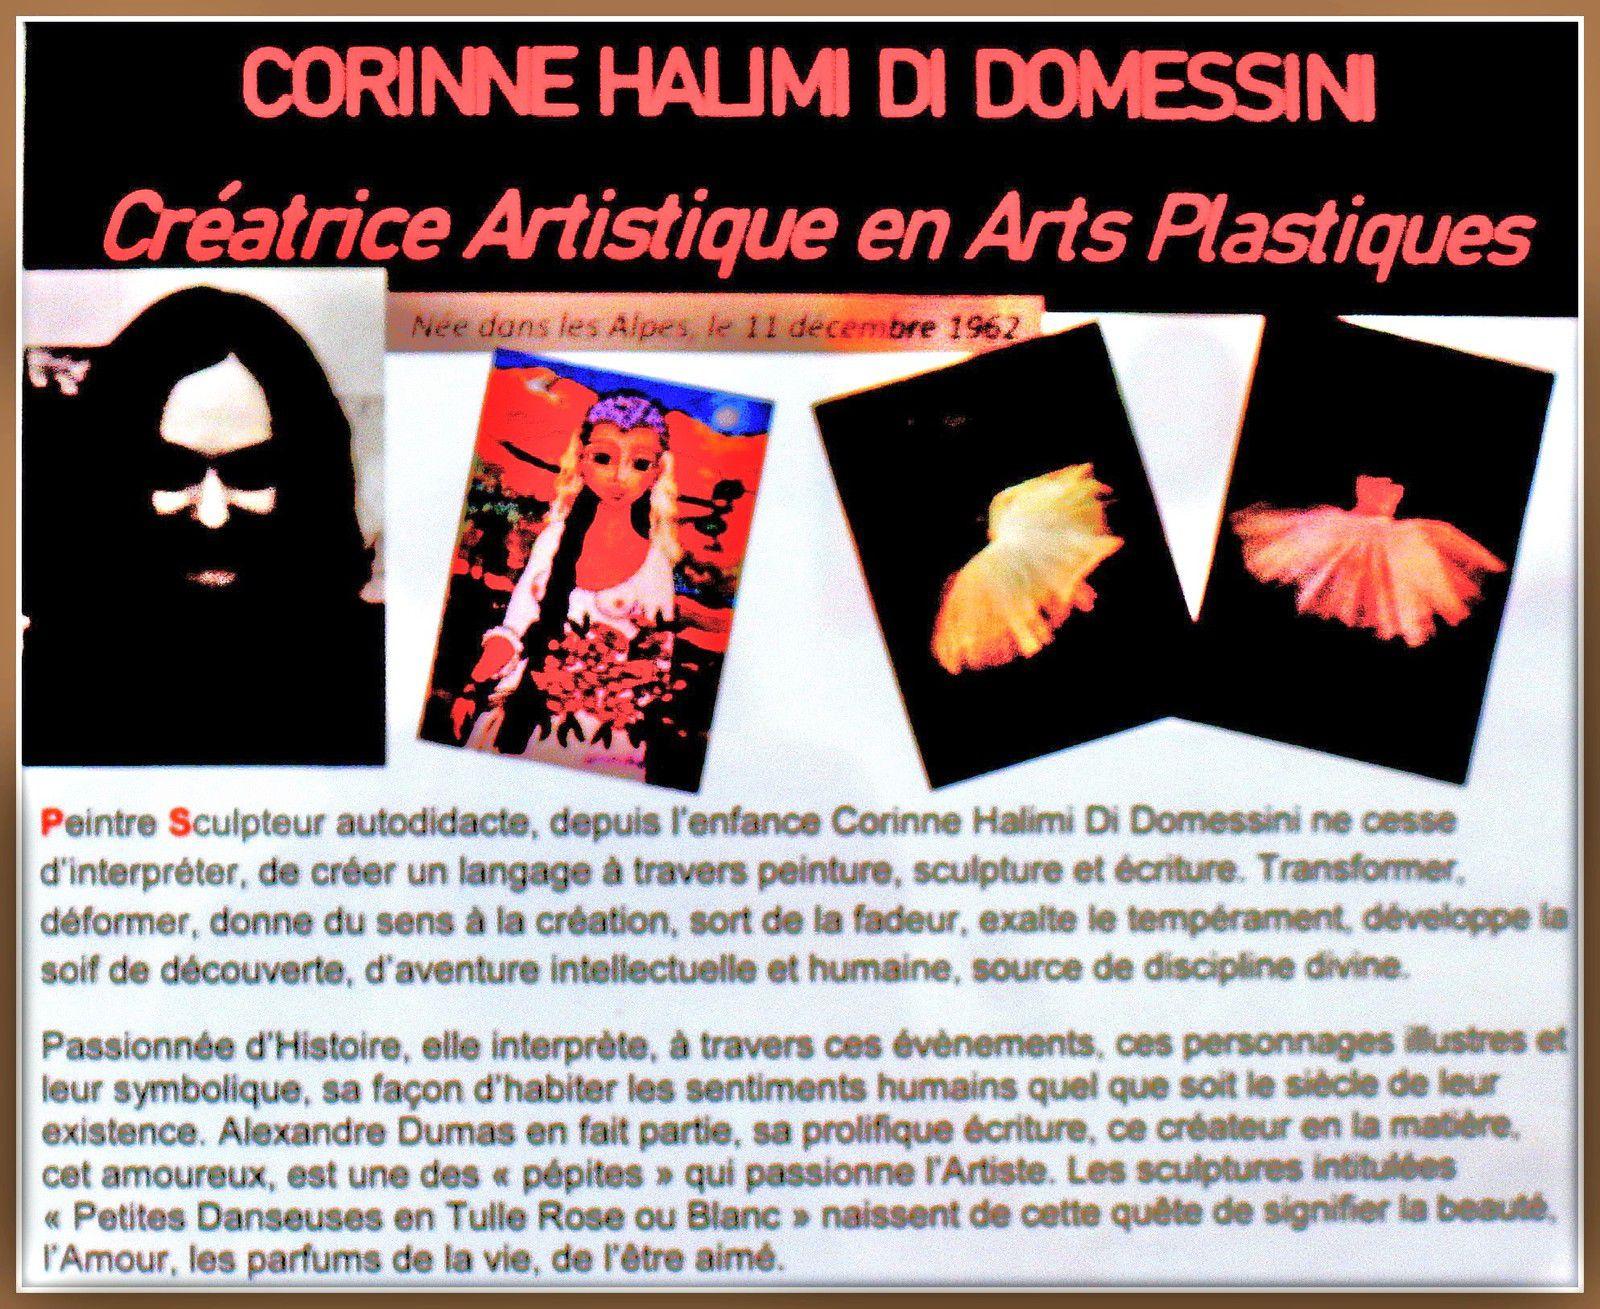 Corinne Halimi Di Domessini, Cher Alexandre Dumas et Venice